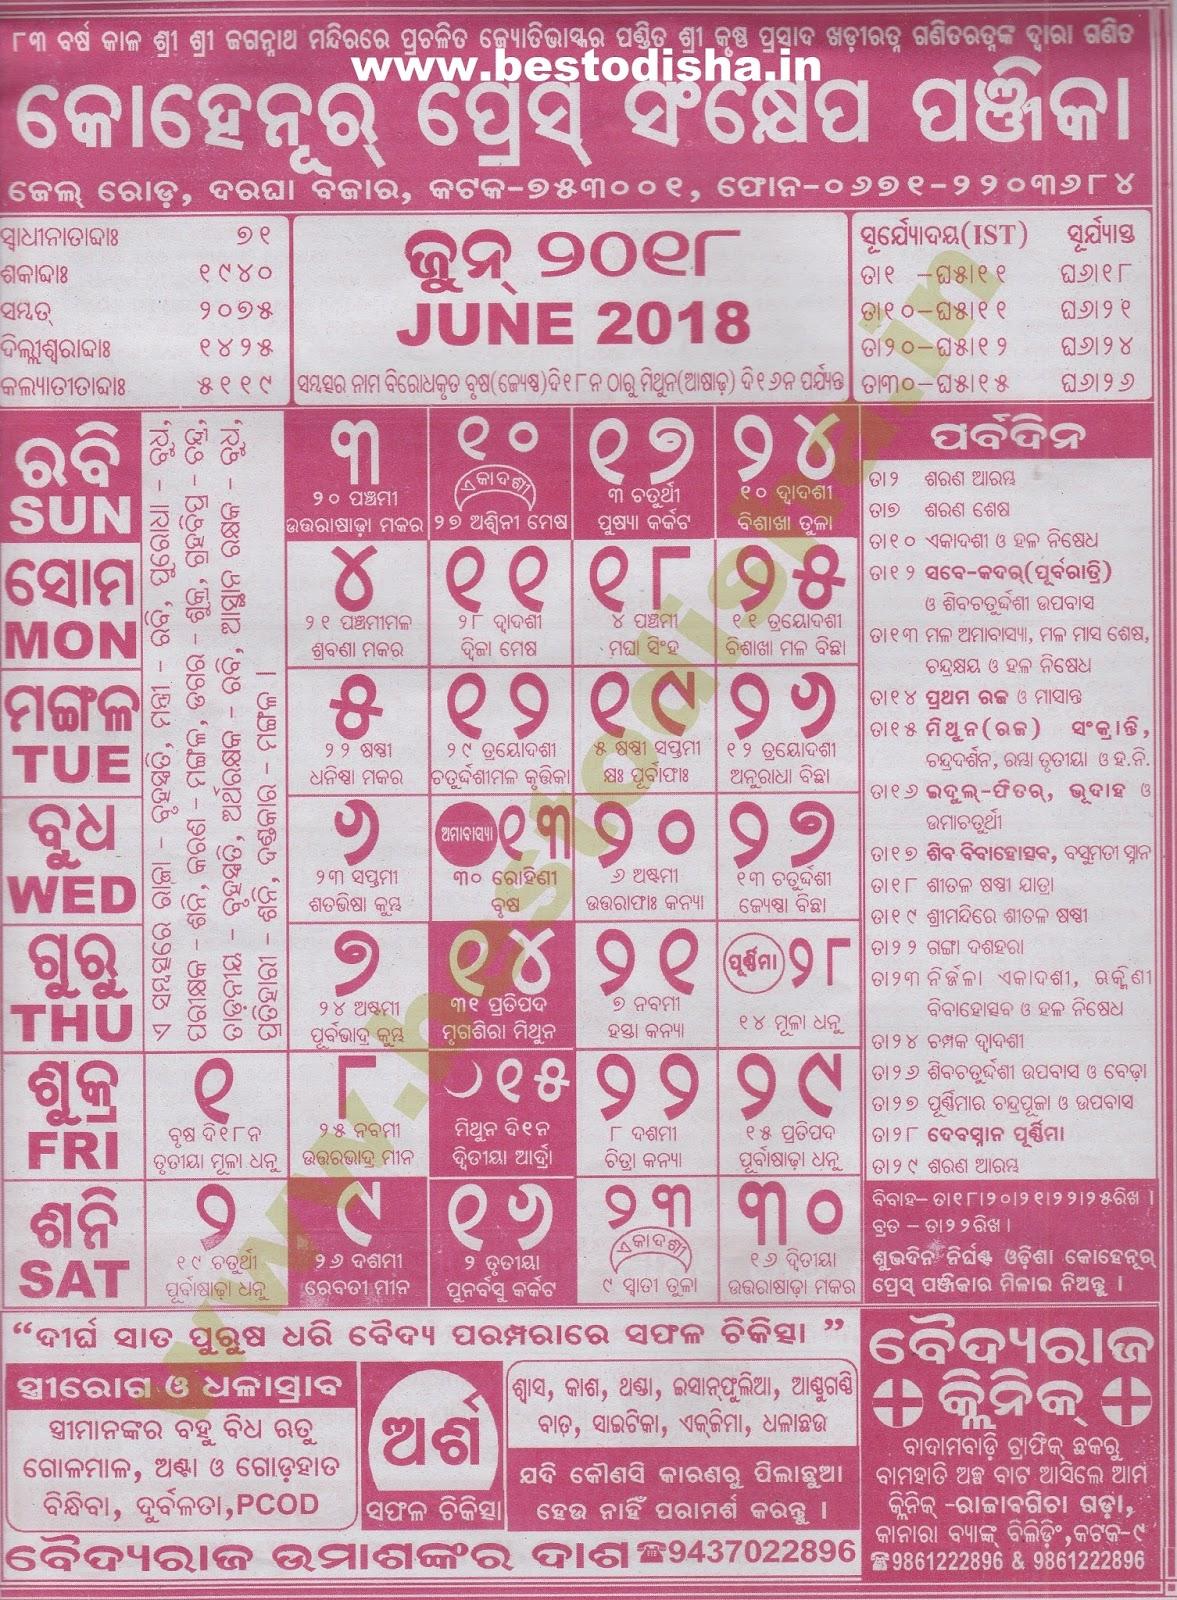 June 2018 Oriya Calendar